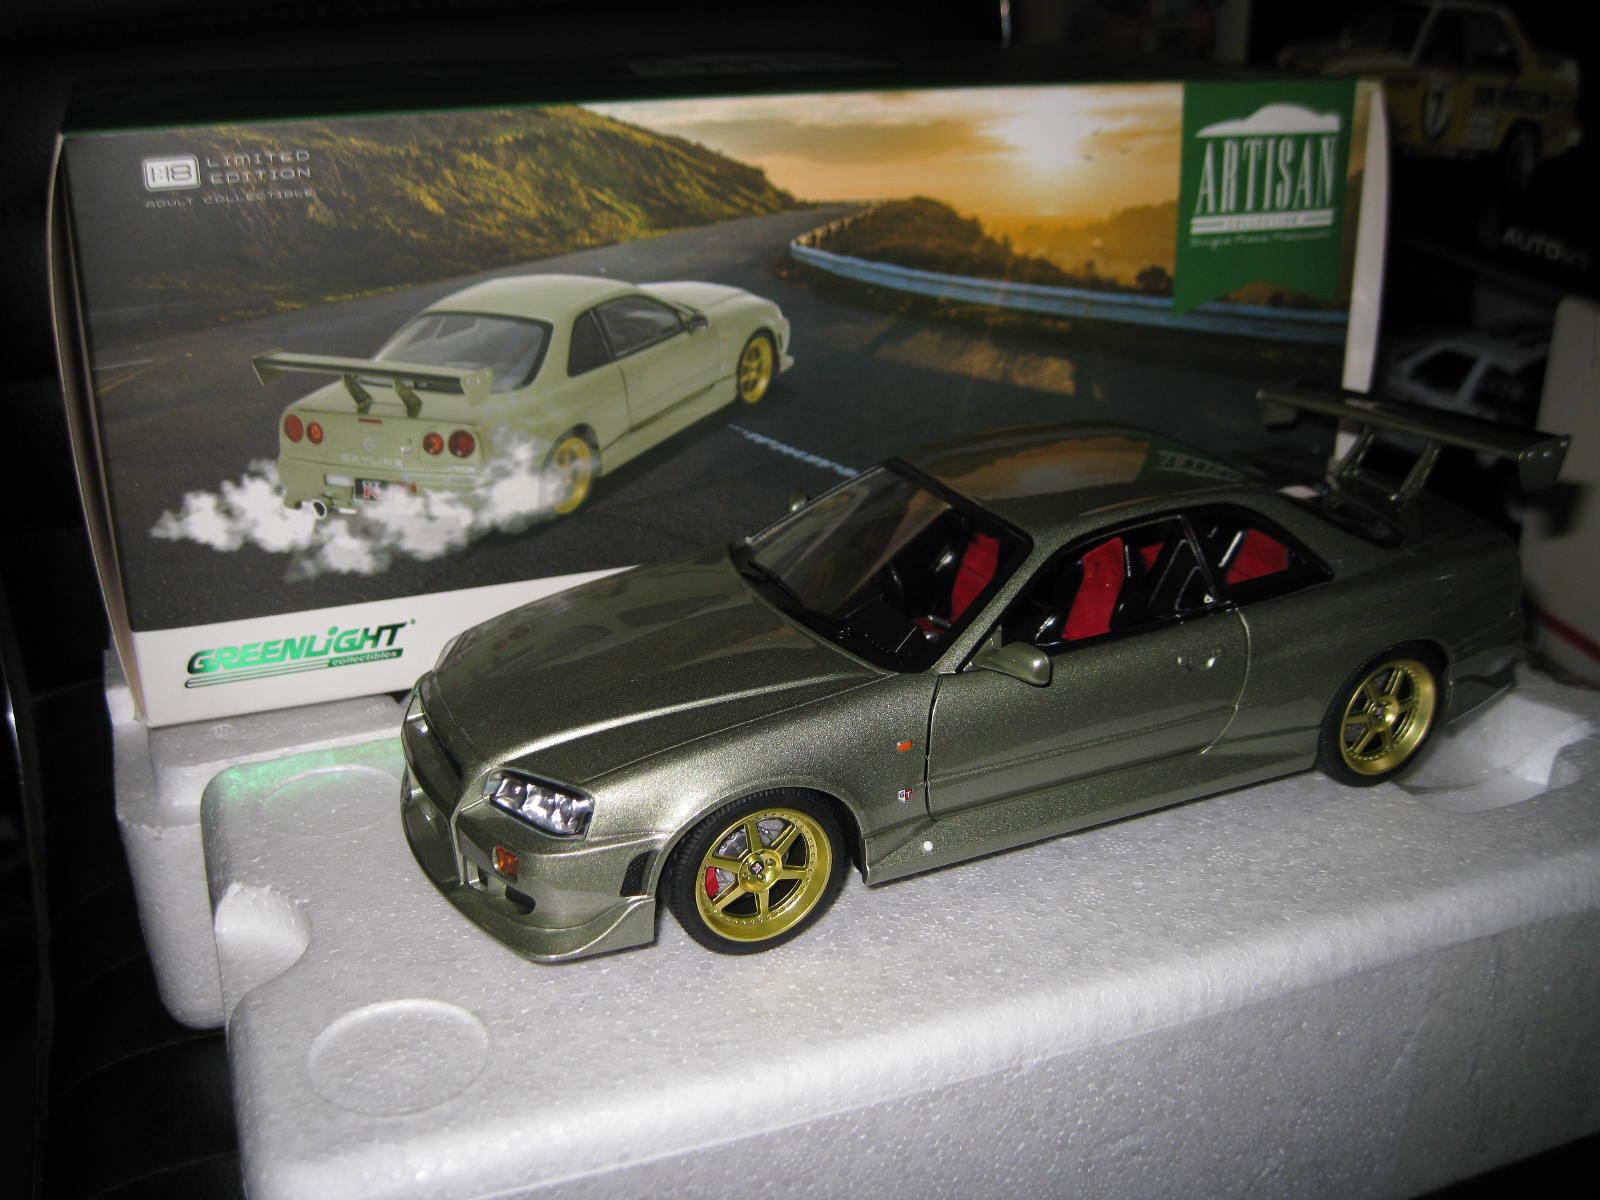 1 18 GREENLIGHT ARTISAN 1999 NISSAN SKYLINE GT-R R34 LIGHT GREEN LTD ED